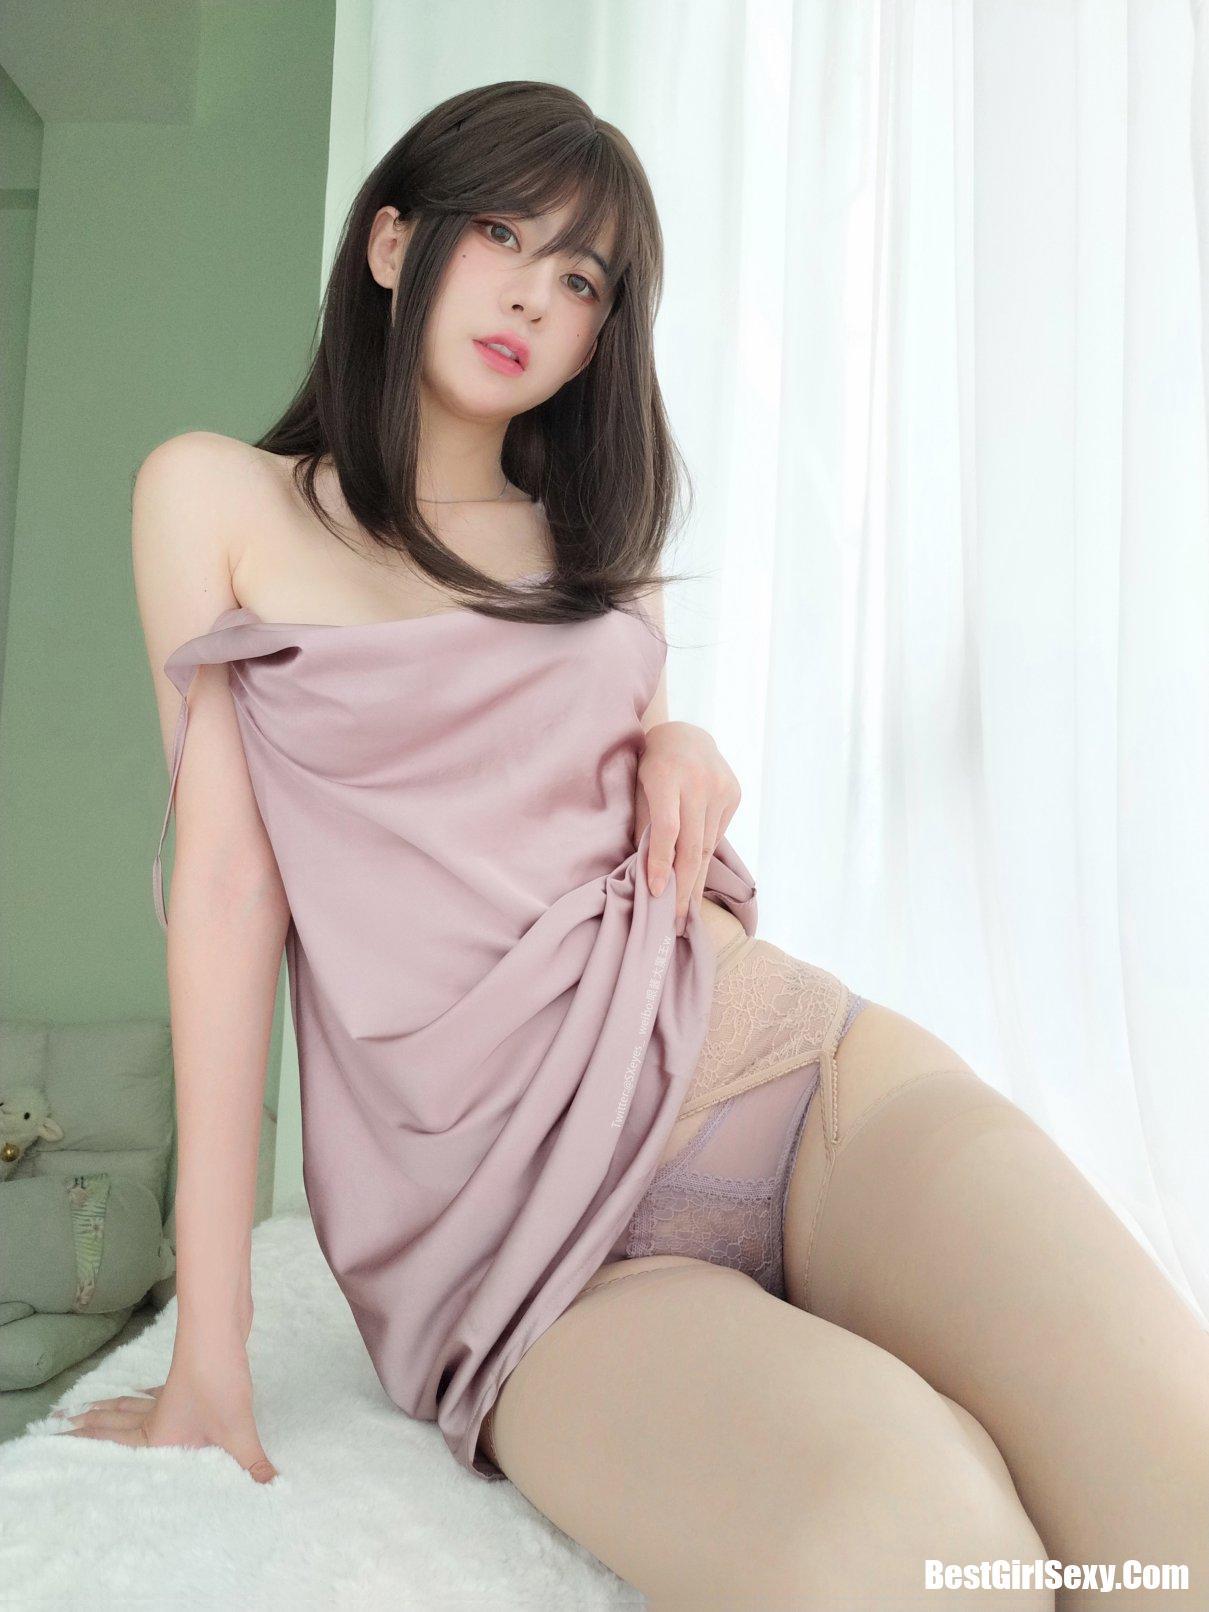 眼酱大魔王w, Coser@眼酱大魔王w Album #56, #56